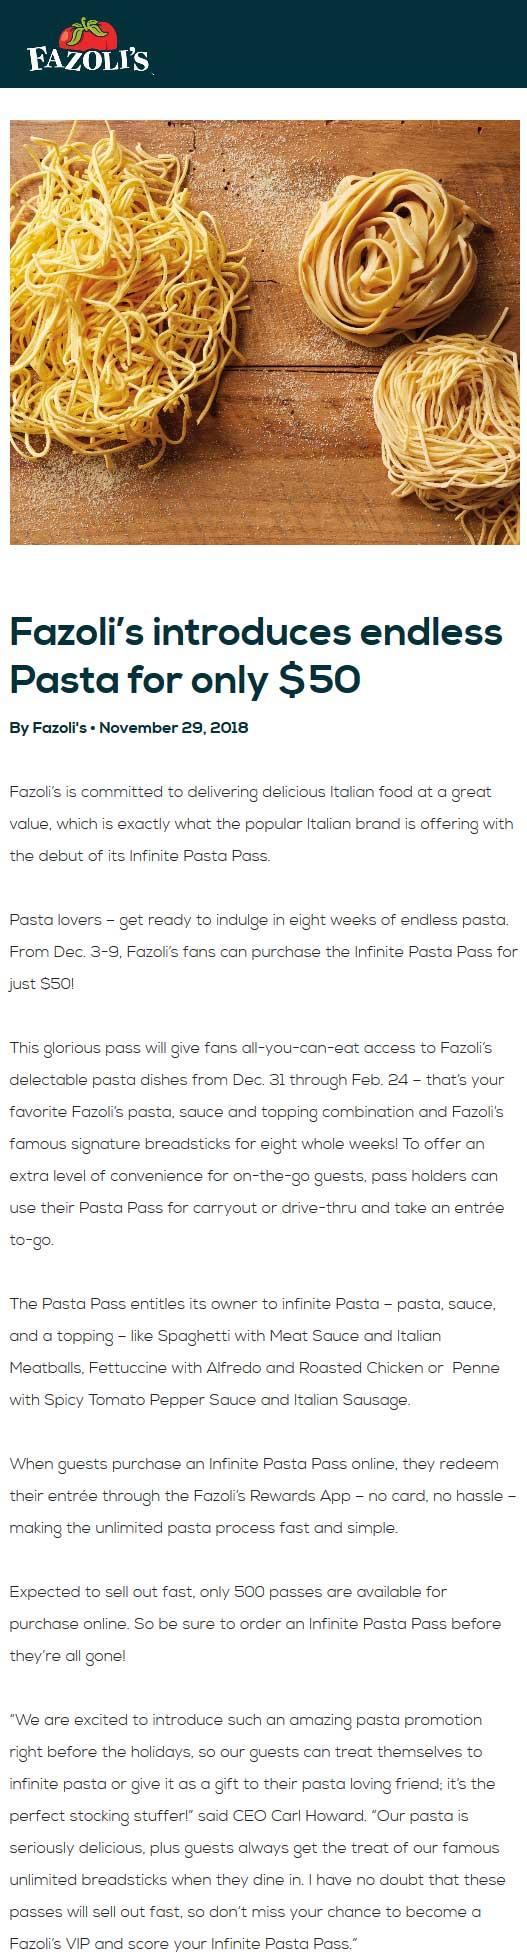 Fazolis coupons & promo code for [April 2020]